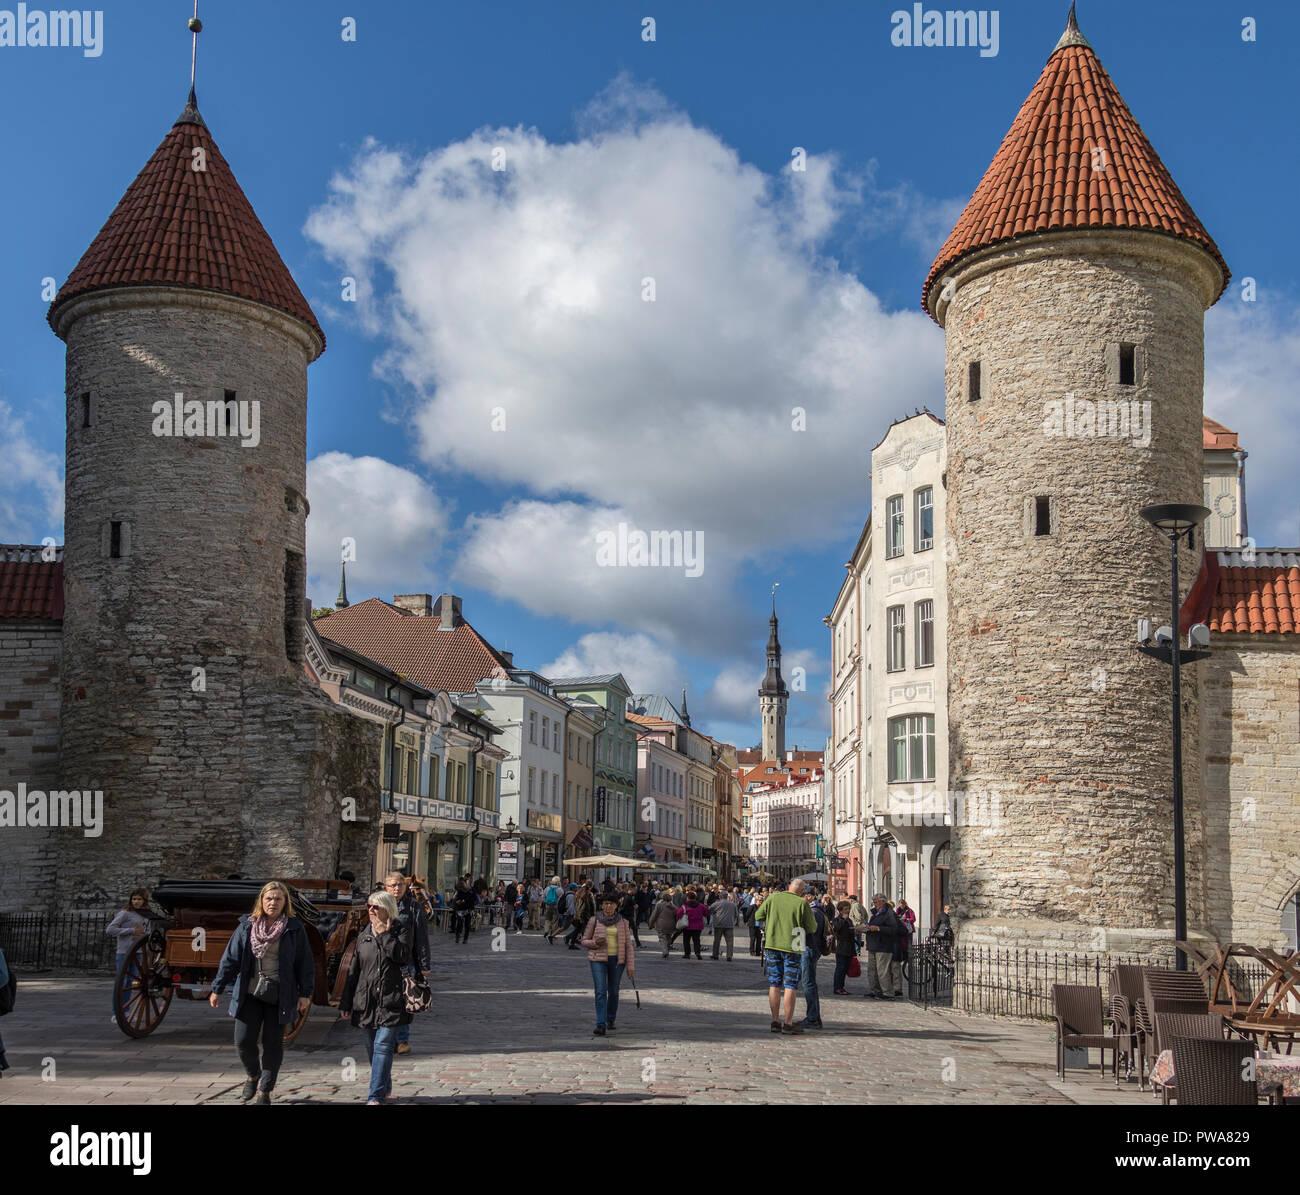 La entrada Viru, en el casco antiguo de la ciudad de Tallin en Estonia. Foto de stock